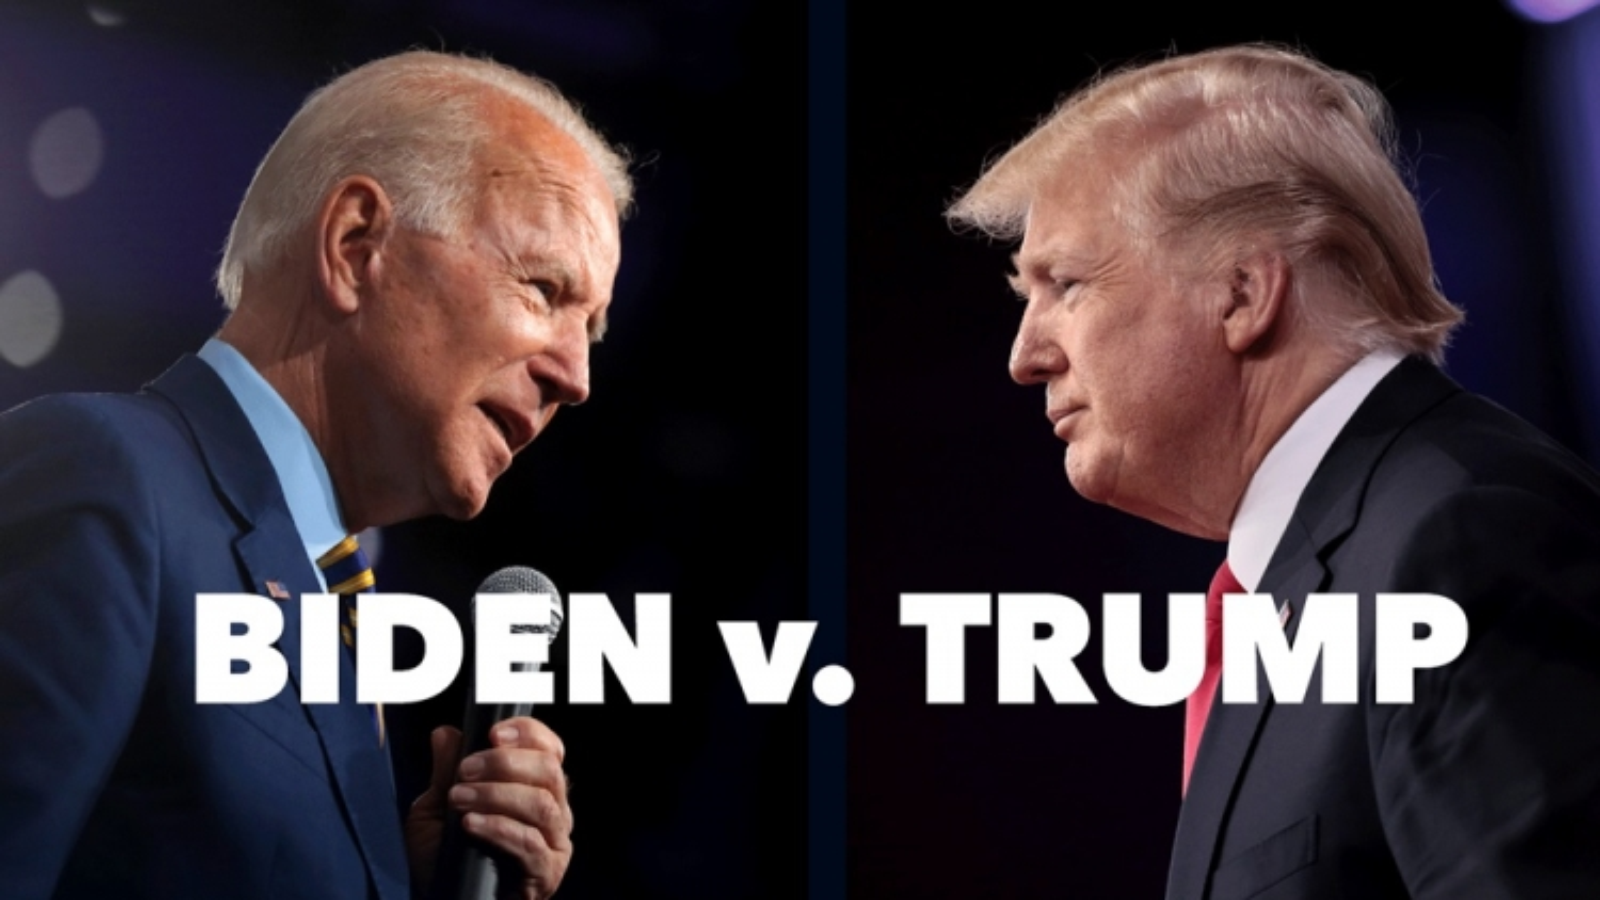 Nhóm thượng nghị sĩ Cộng hòa (Mỹ) sẽ phản đối kết quả bầu đại cử tri ở một số bang